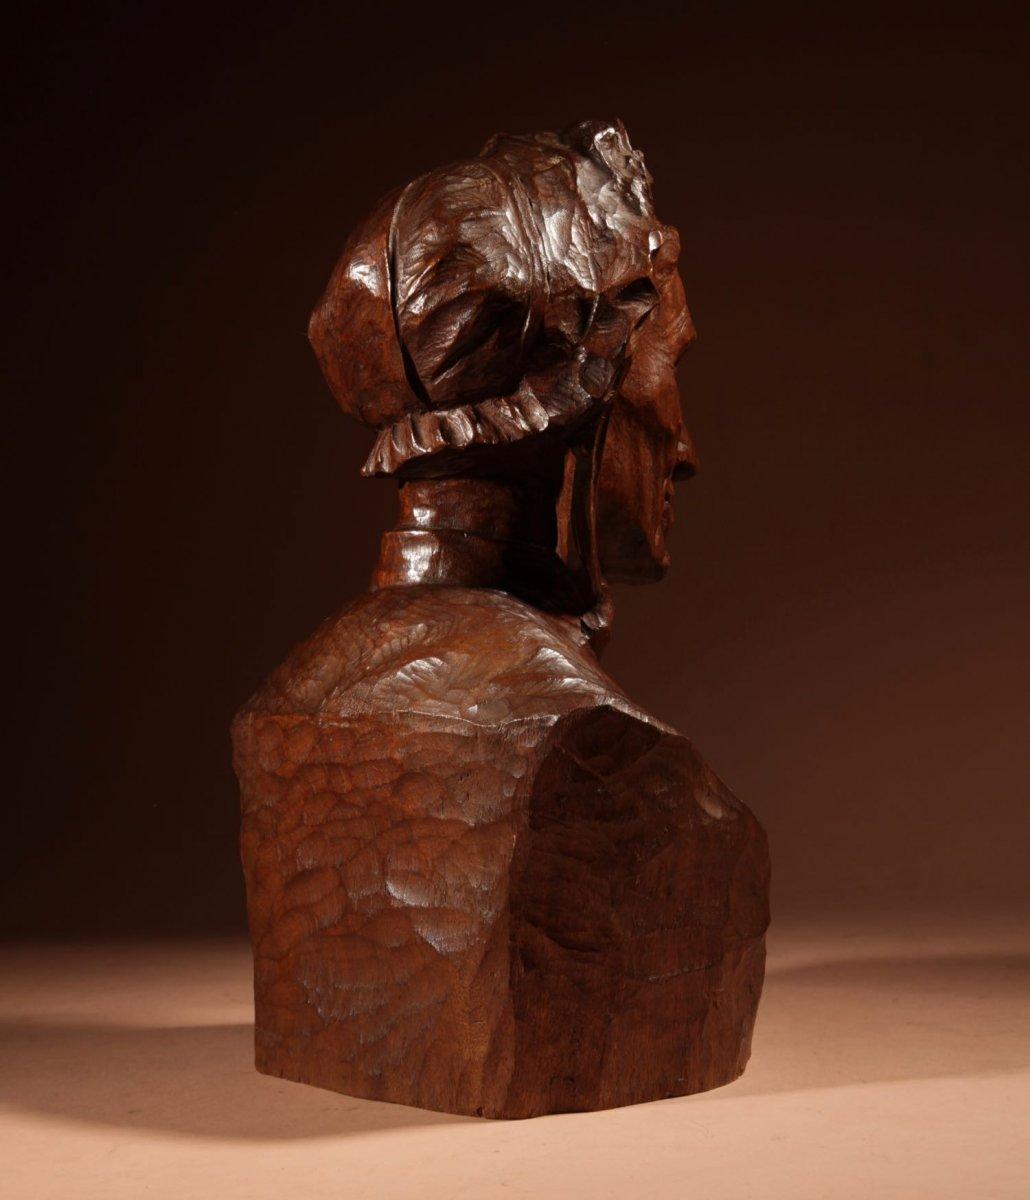 Un Beau Buste Expressif Sculpté an Bois  d'Une Femme, Signé B.tuerlinckx = Boudewijn Tuerlinckx (mechele-photo-6